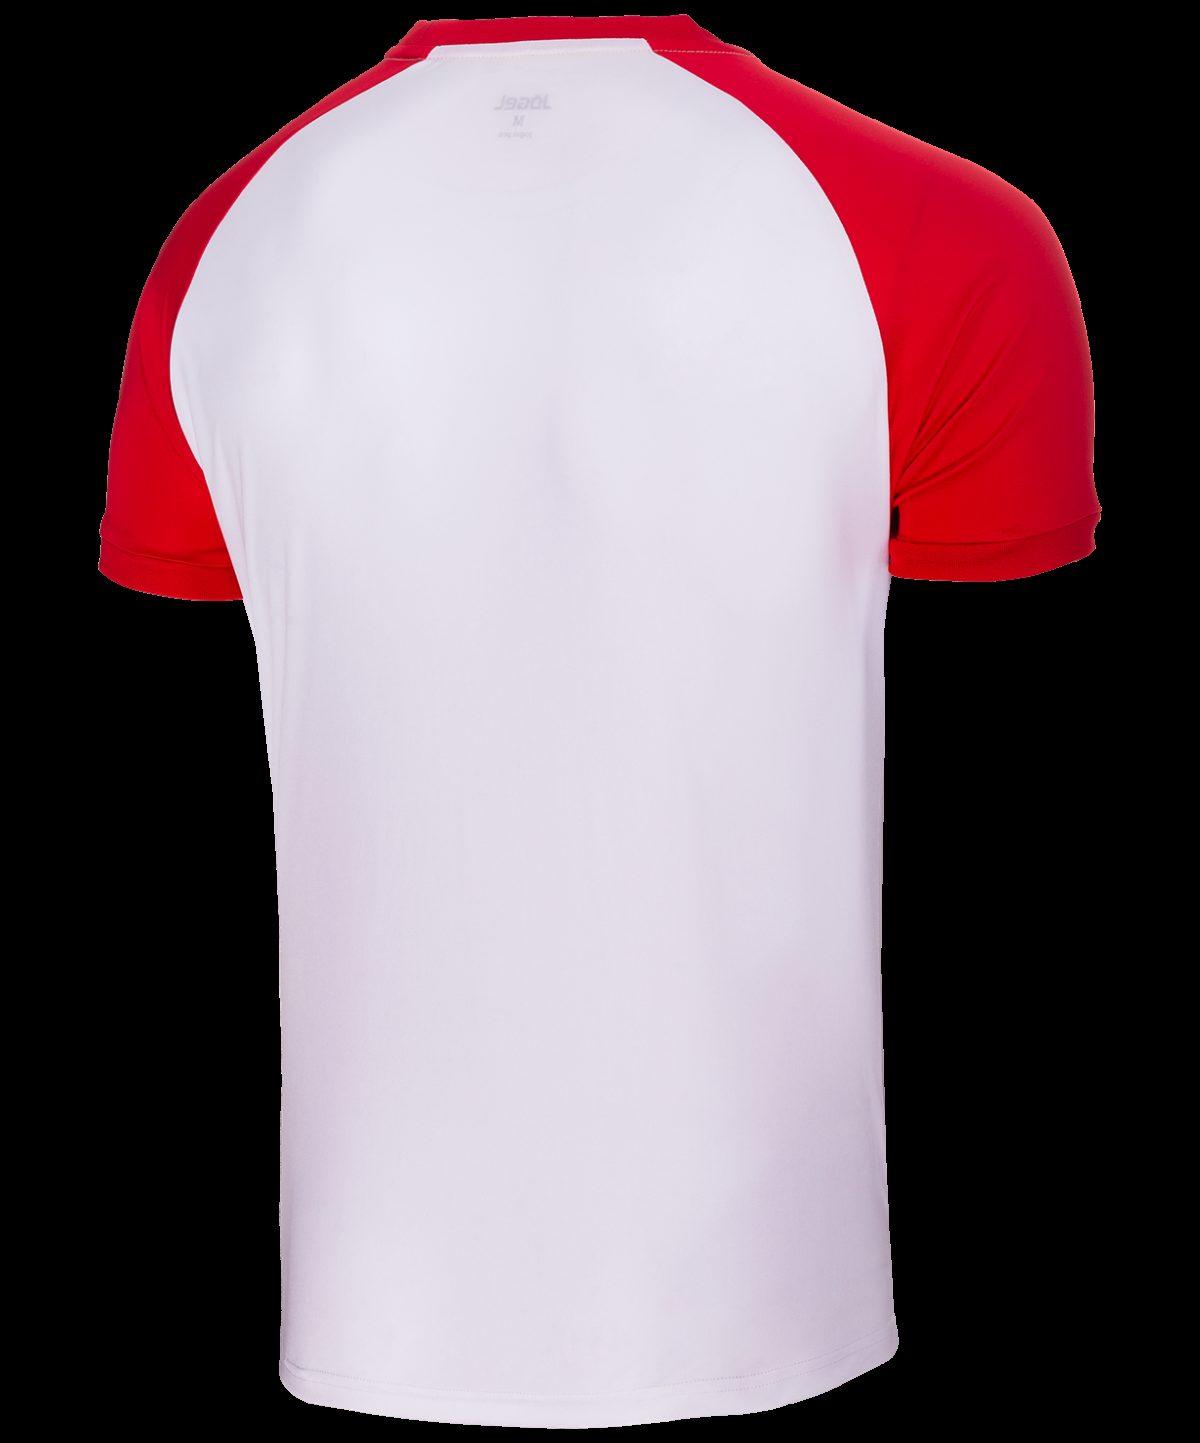 JOGEL Футболка футбольная, белый/красный   JFT-1011-012 - 3